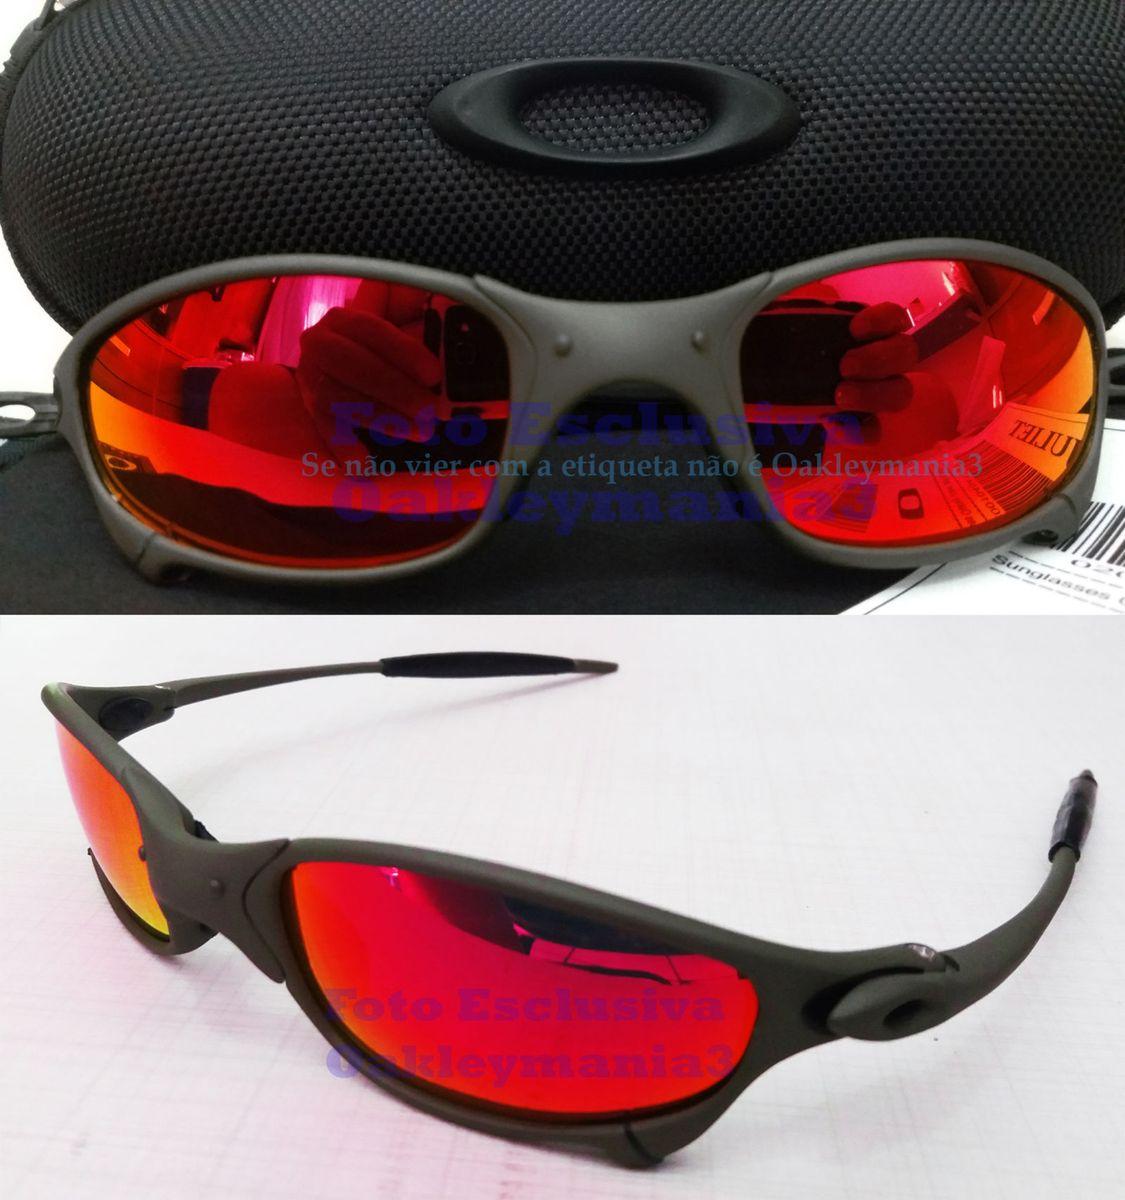 b7f84b364 oculos oakley juliet x metal lente red fire polariada + case porta oculos  u.s.a - óculos